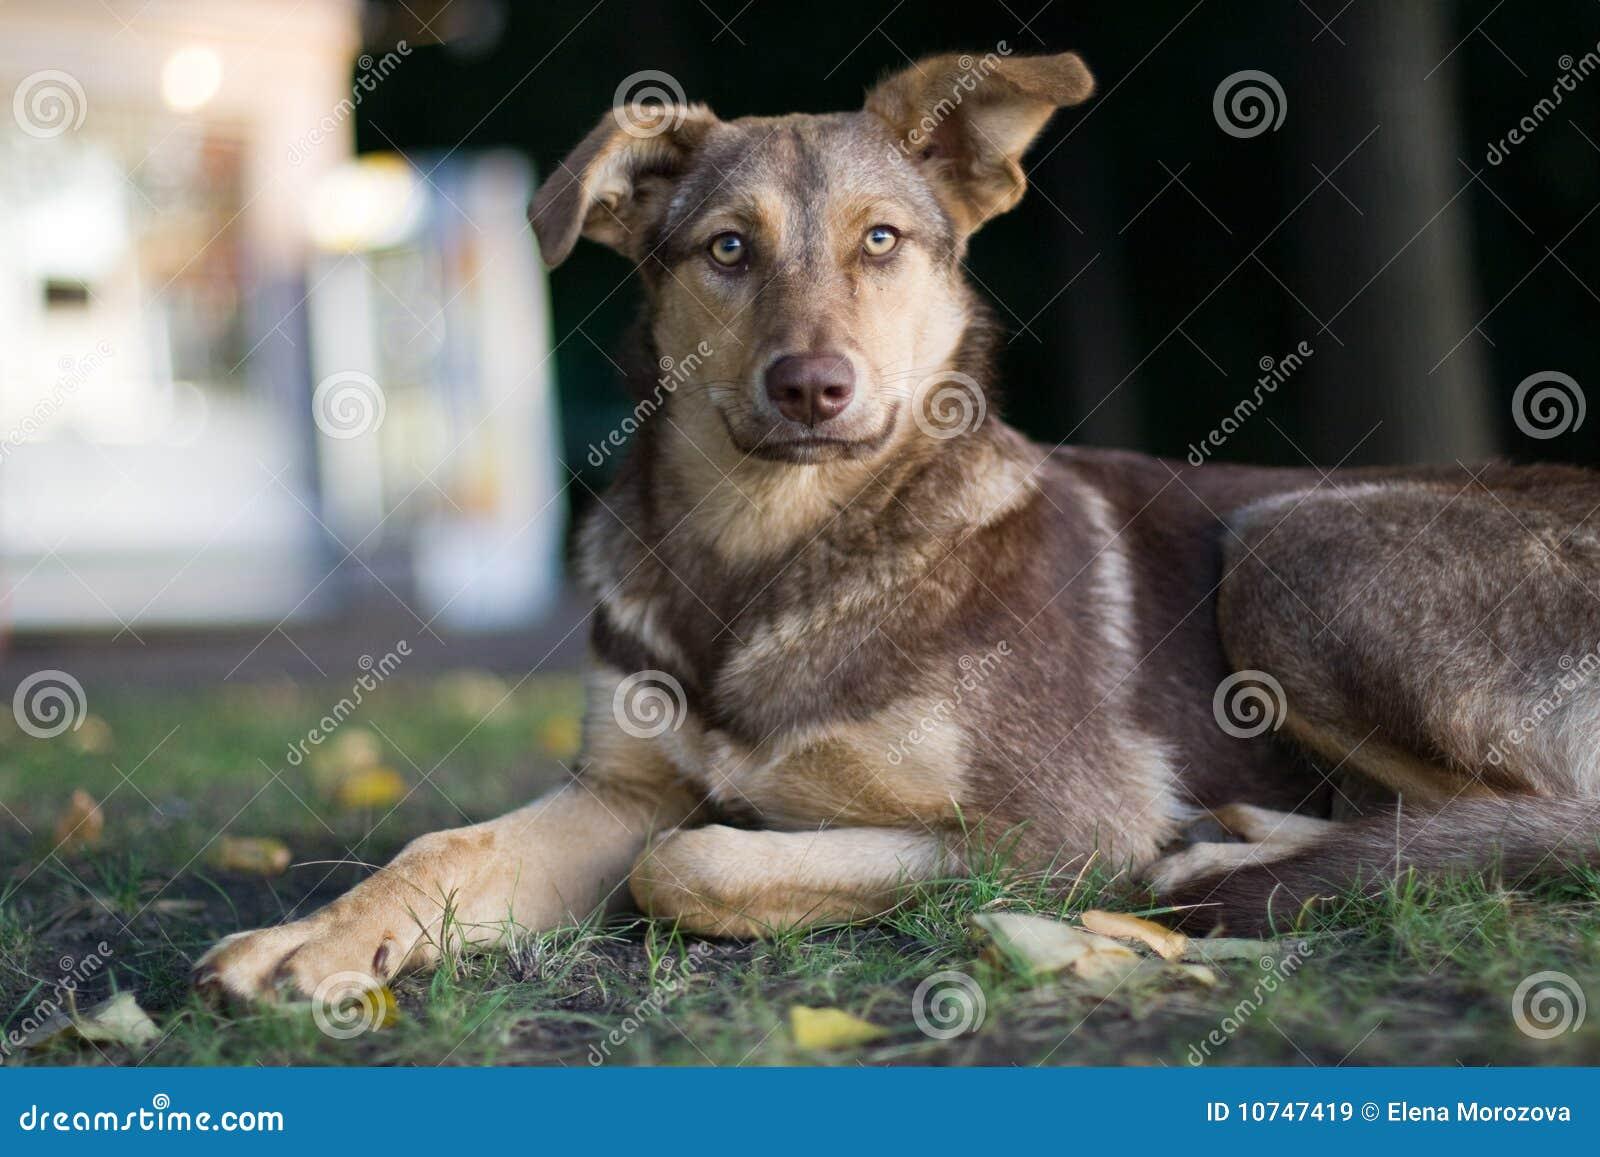 Sad Stray Dog Royalty Free Stock Images - Image: 10747419